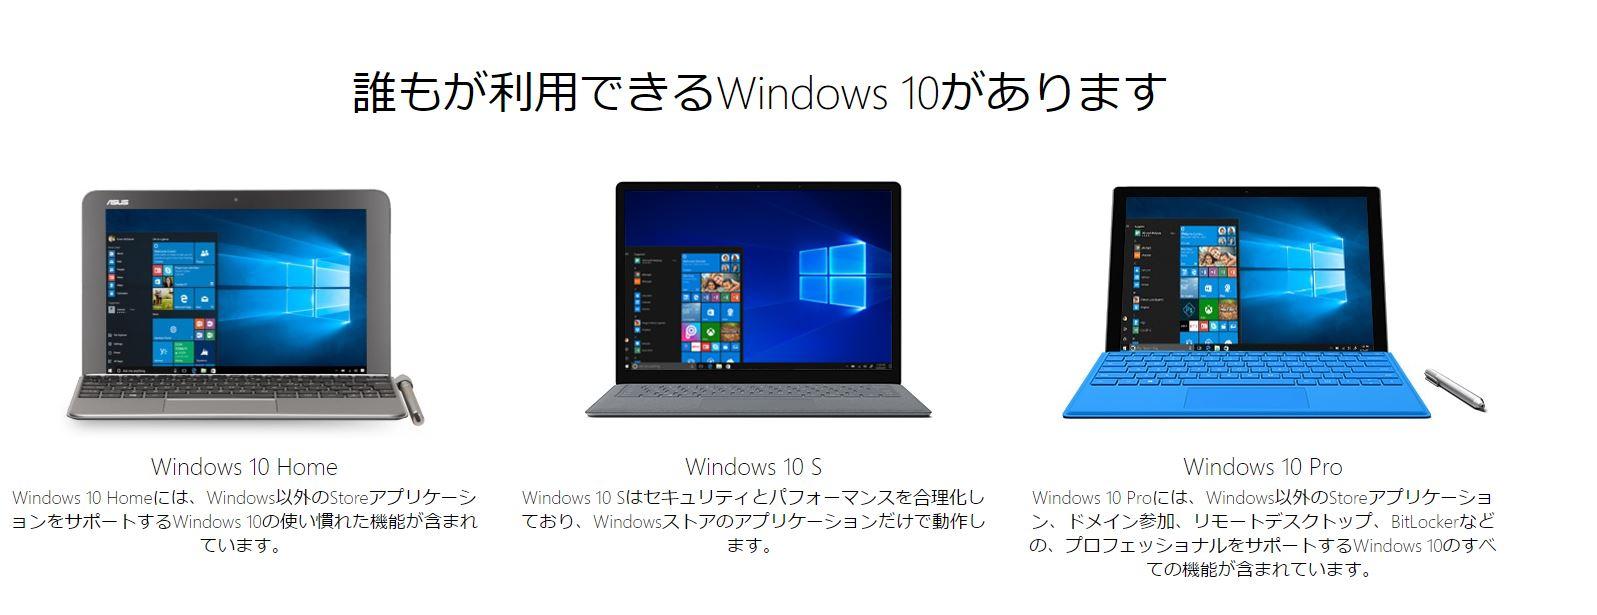 Windows 10 Sは日本の教育現場を変貌させることができるのか